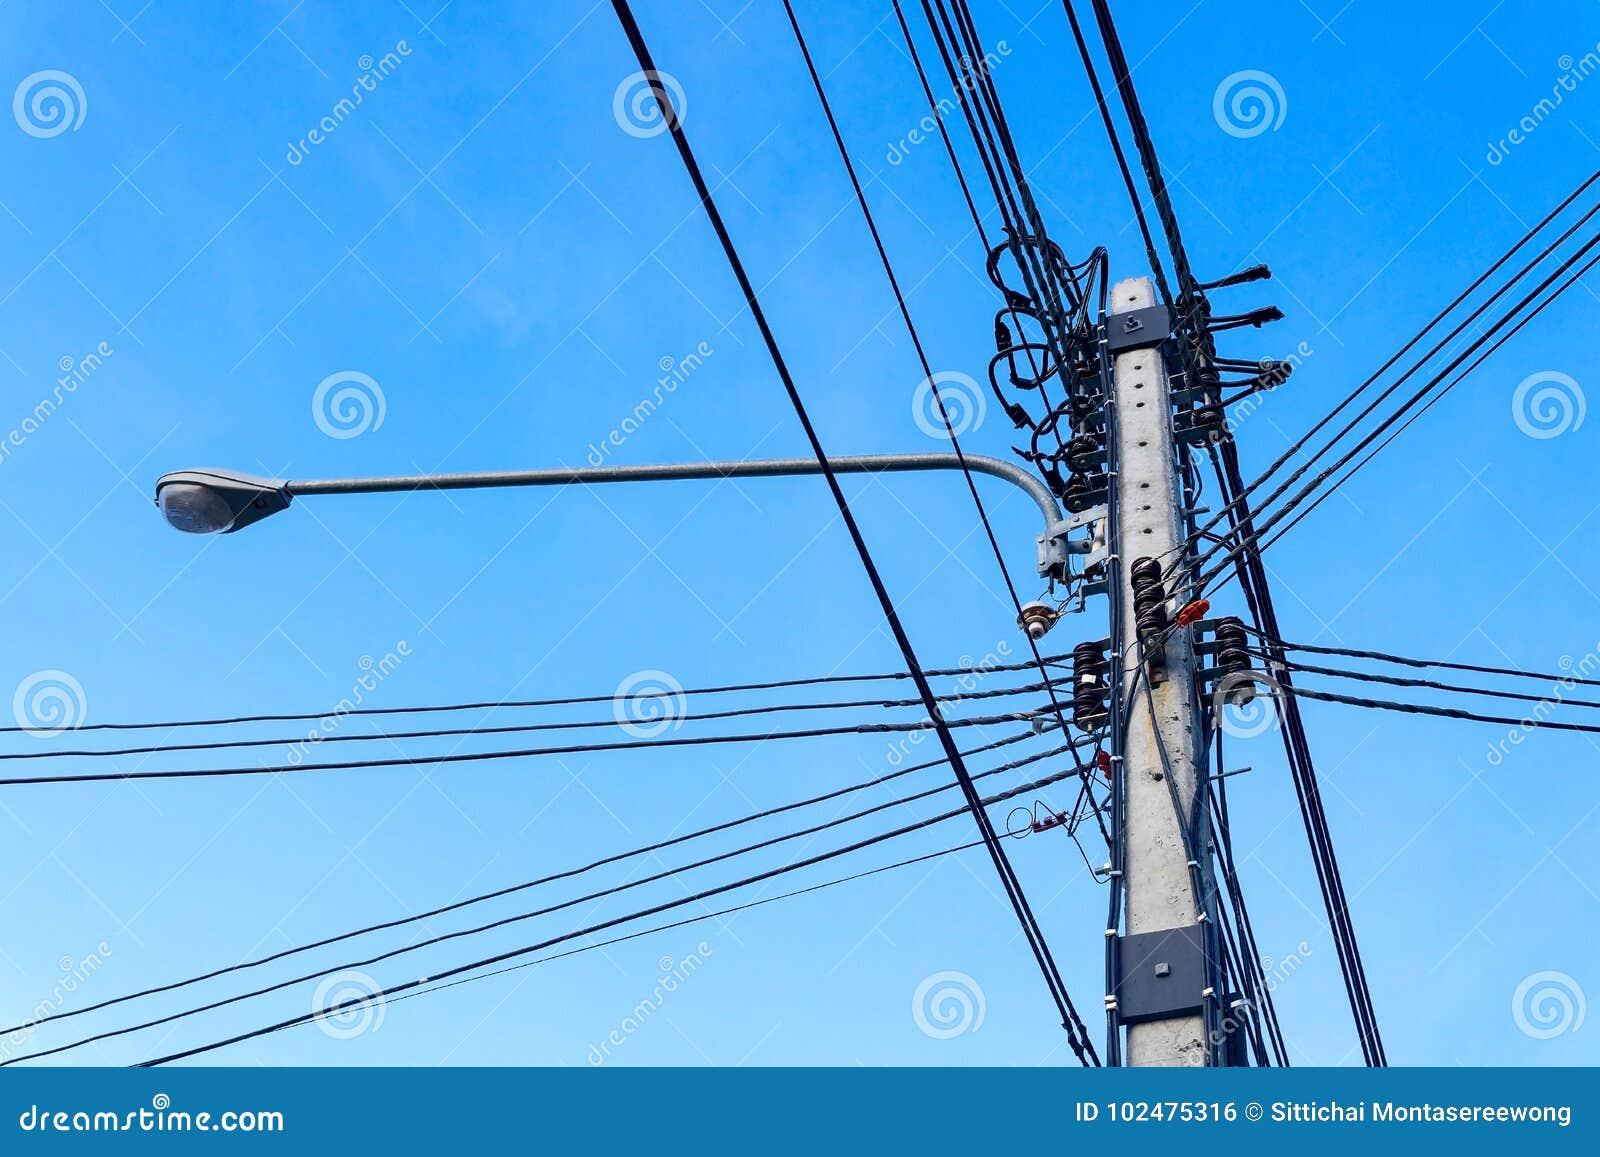 высокая линия напряжение тока силы полюса